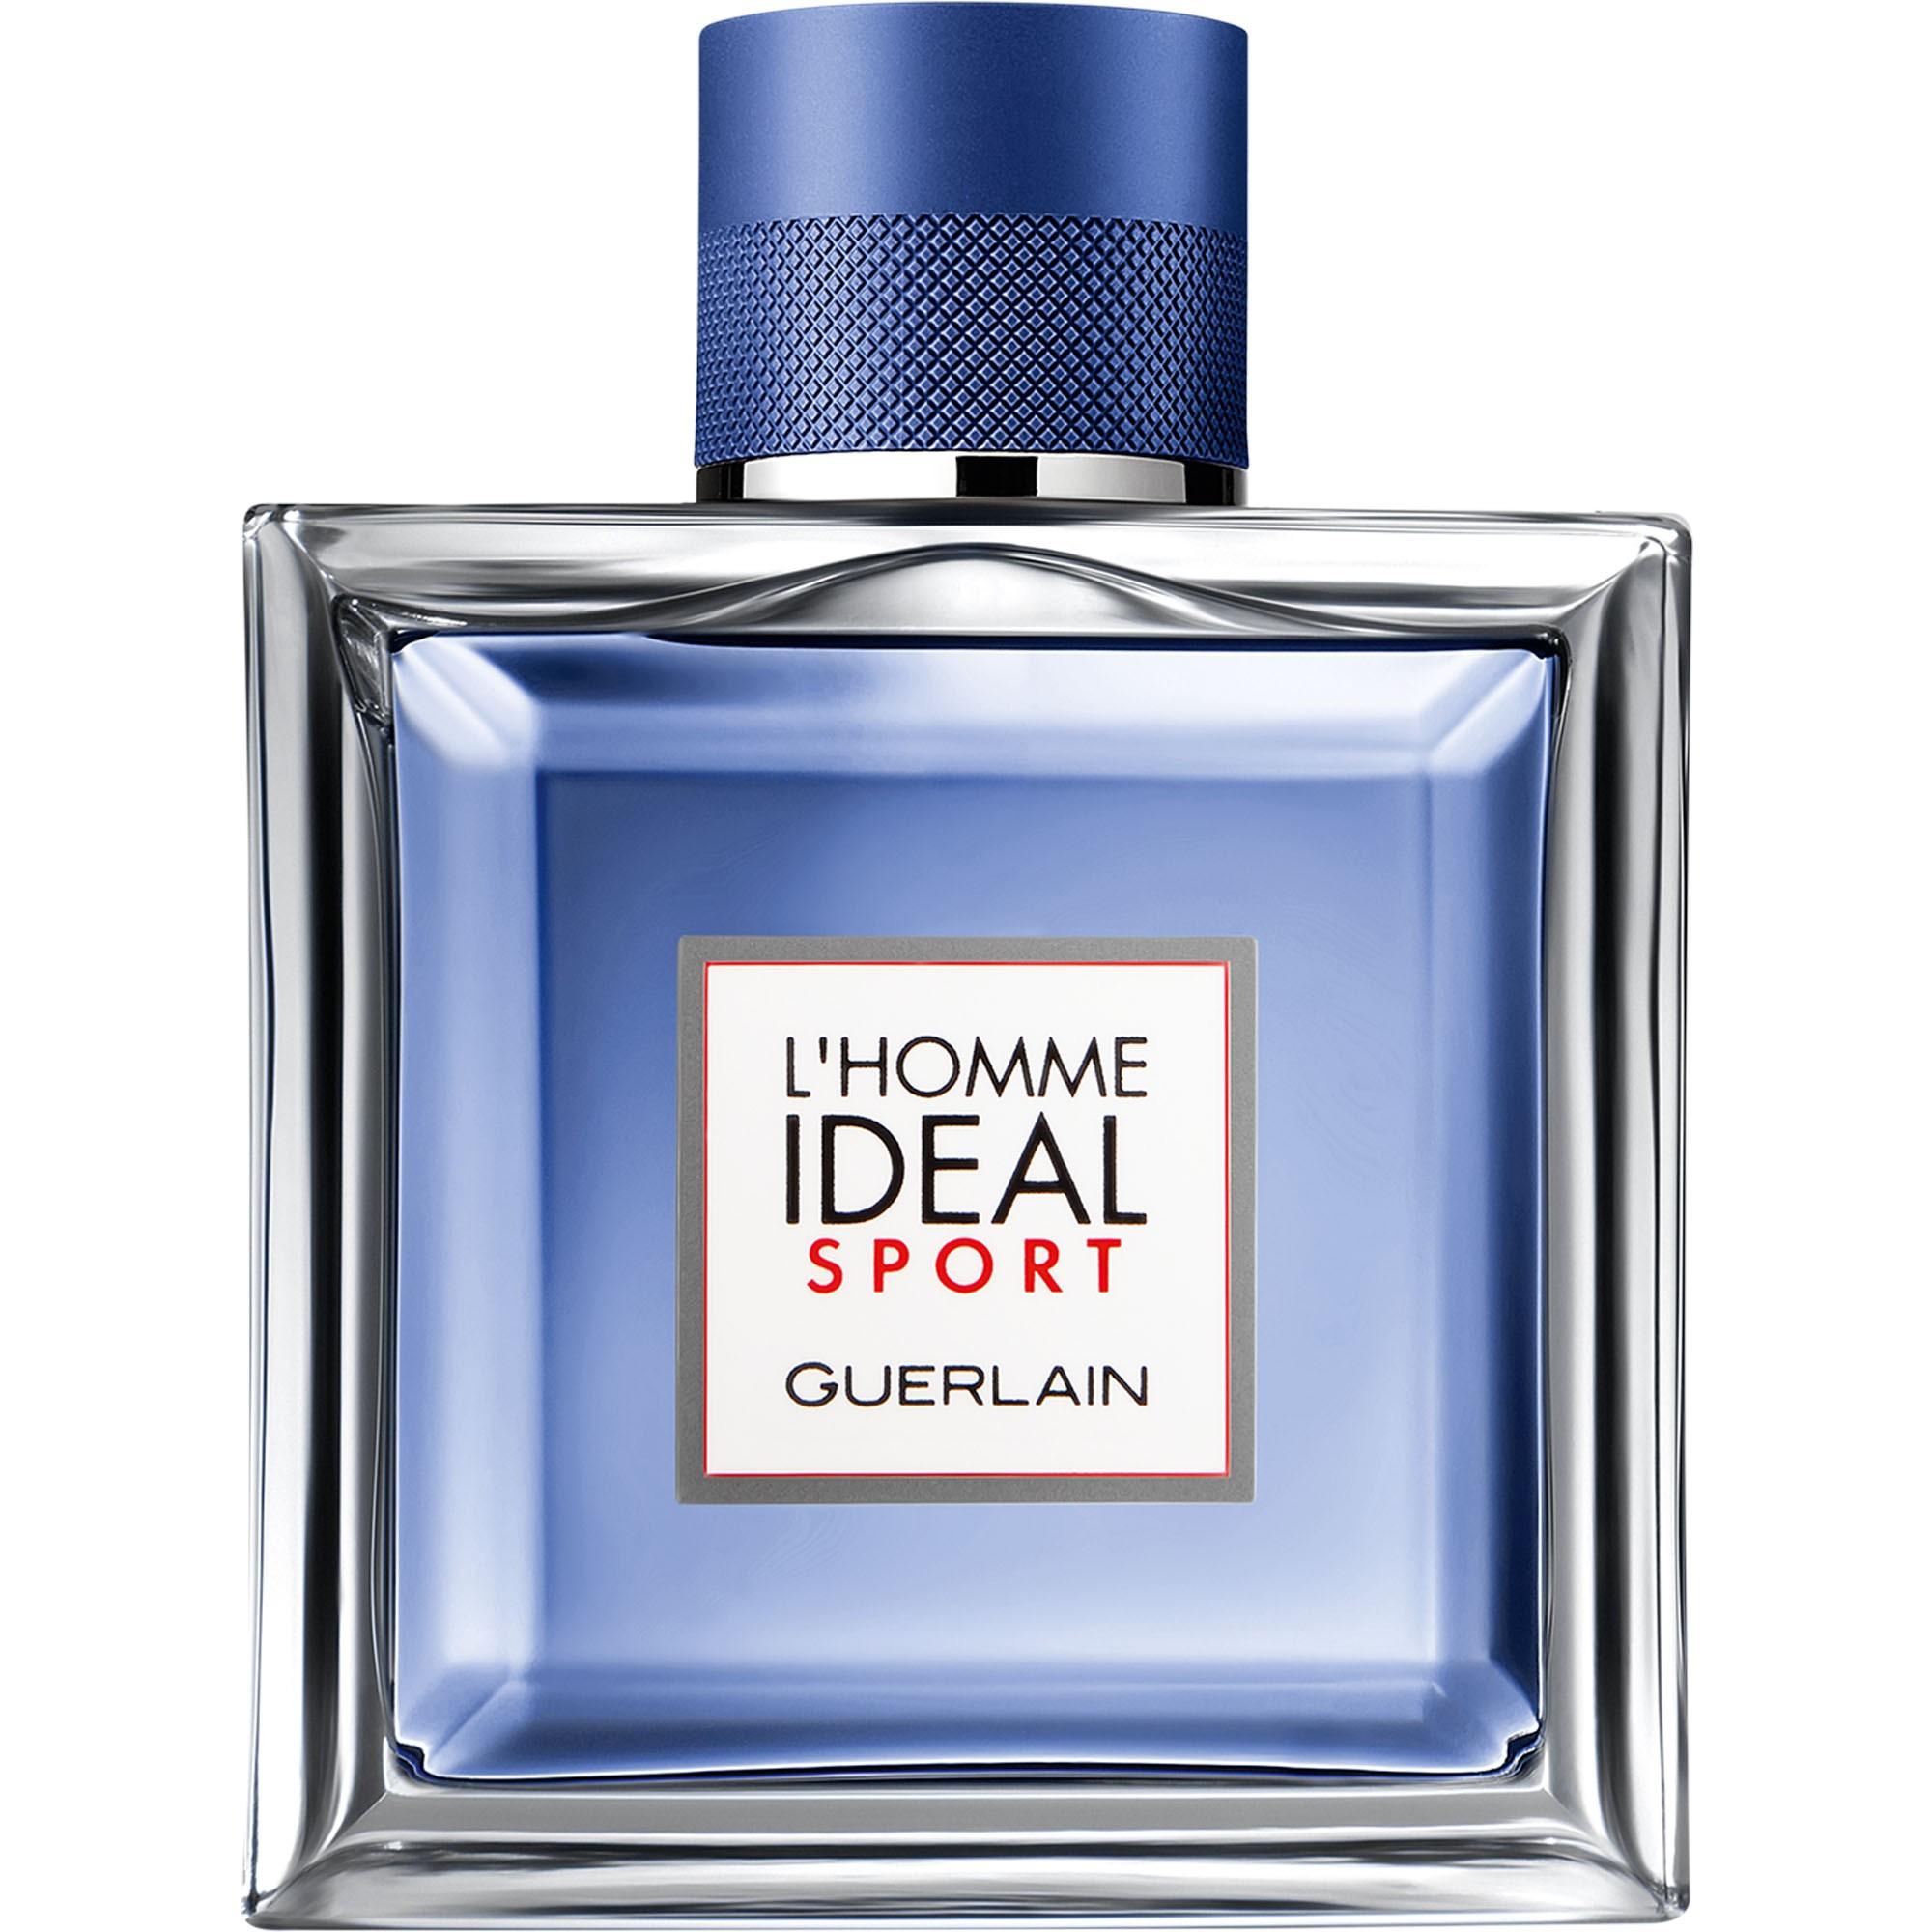 Image of Guerlain L'Homme Ideal Sport - Eau de Toilette 100 ml